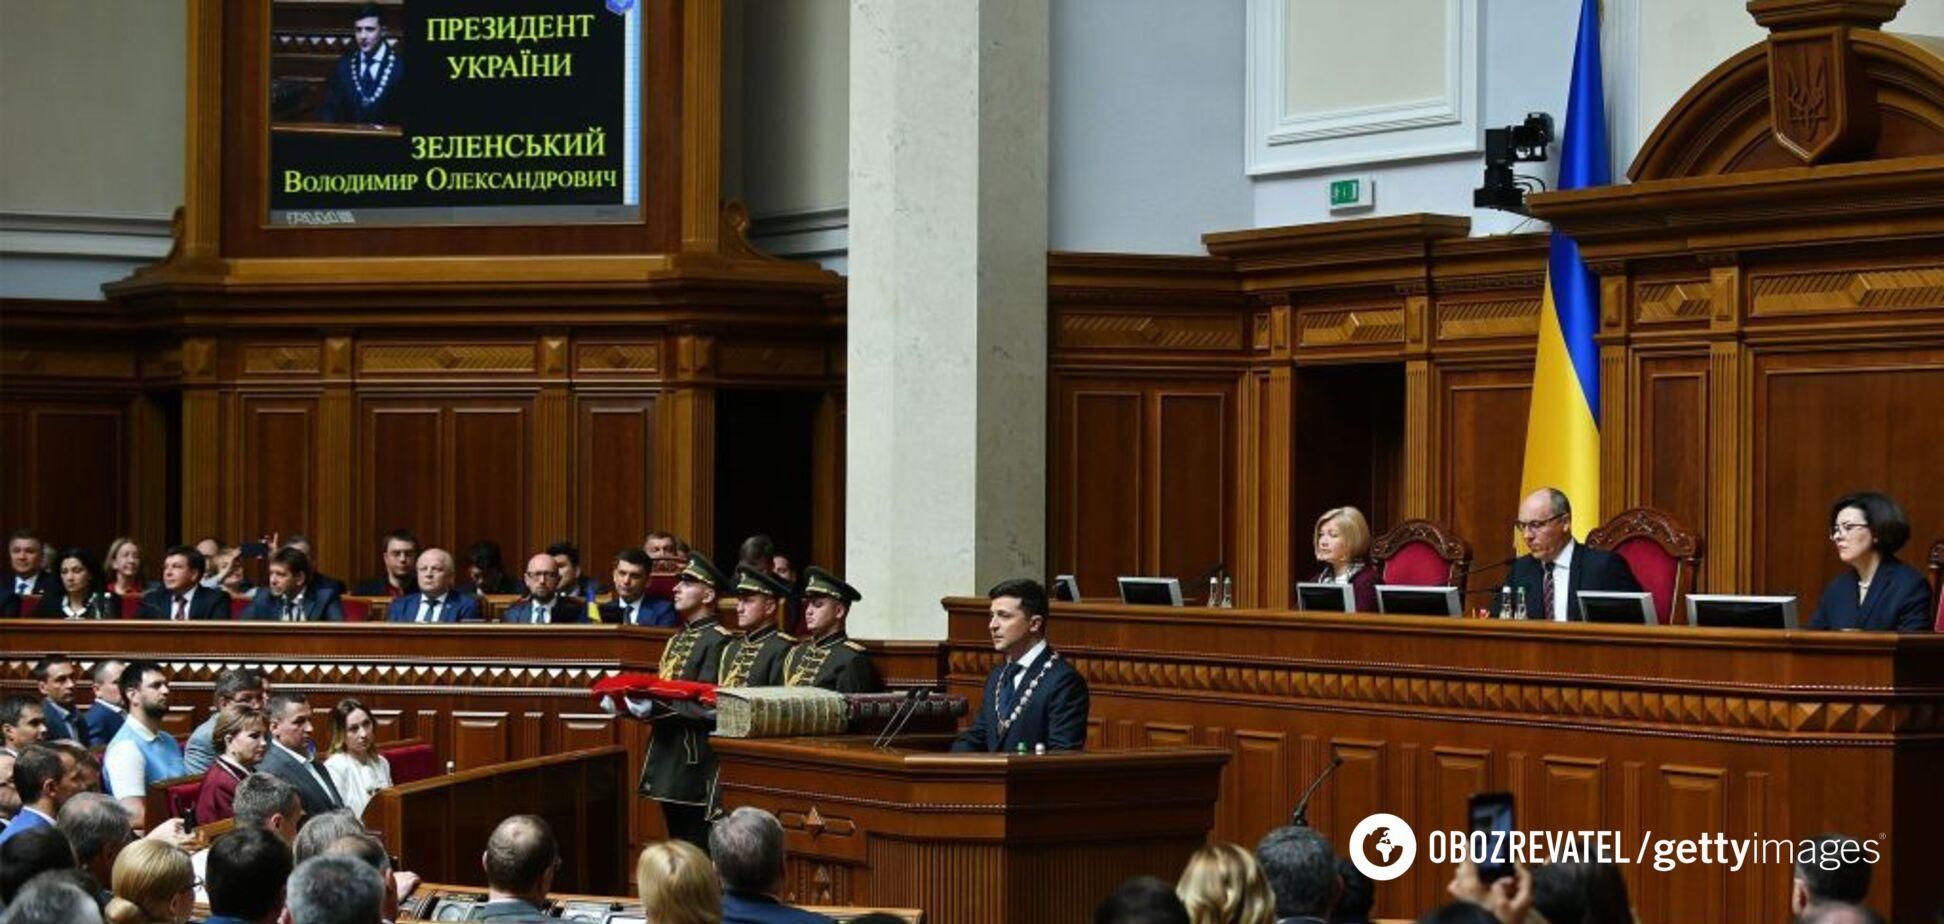 Указ Зеленского о роспуске Рады обжаловали в суде: что это значит